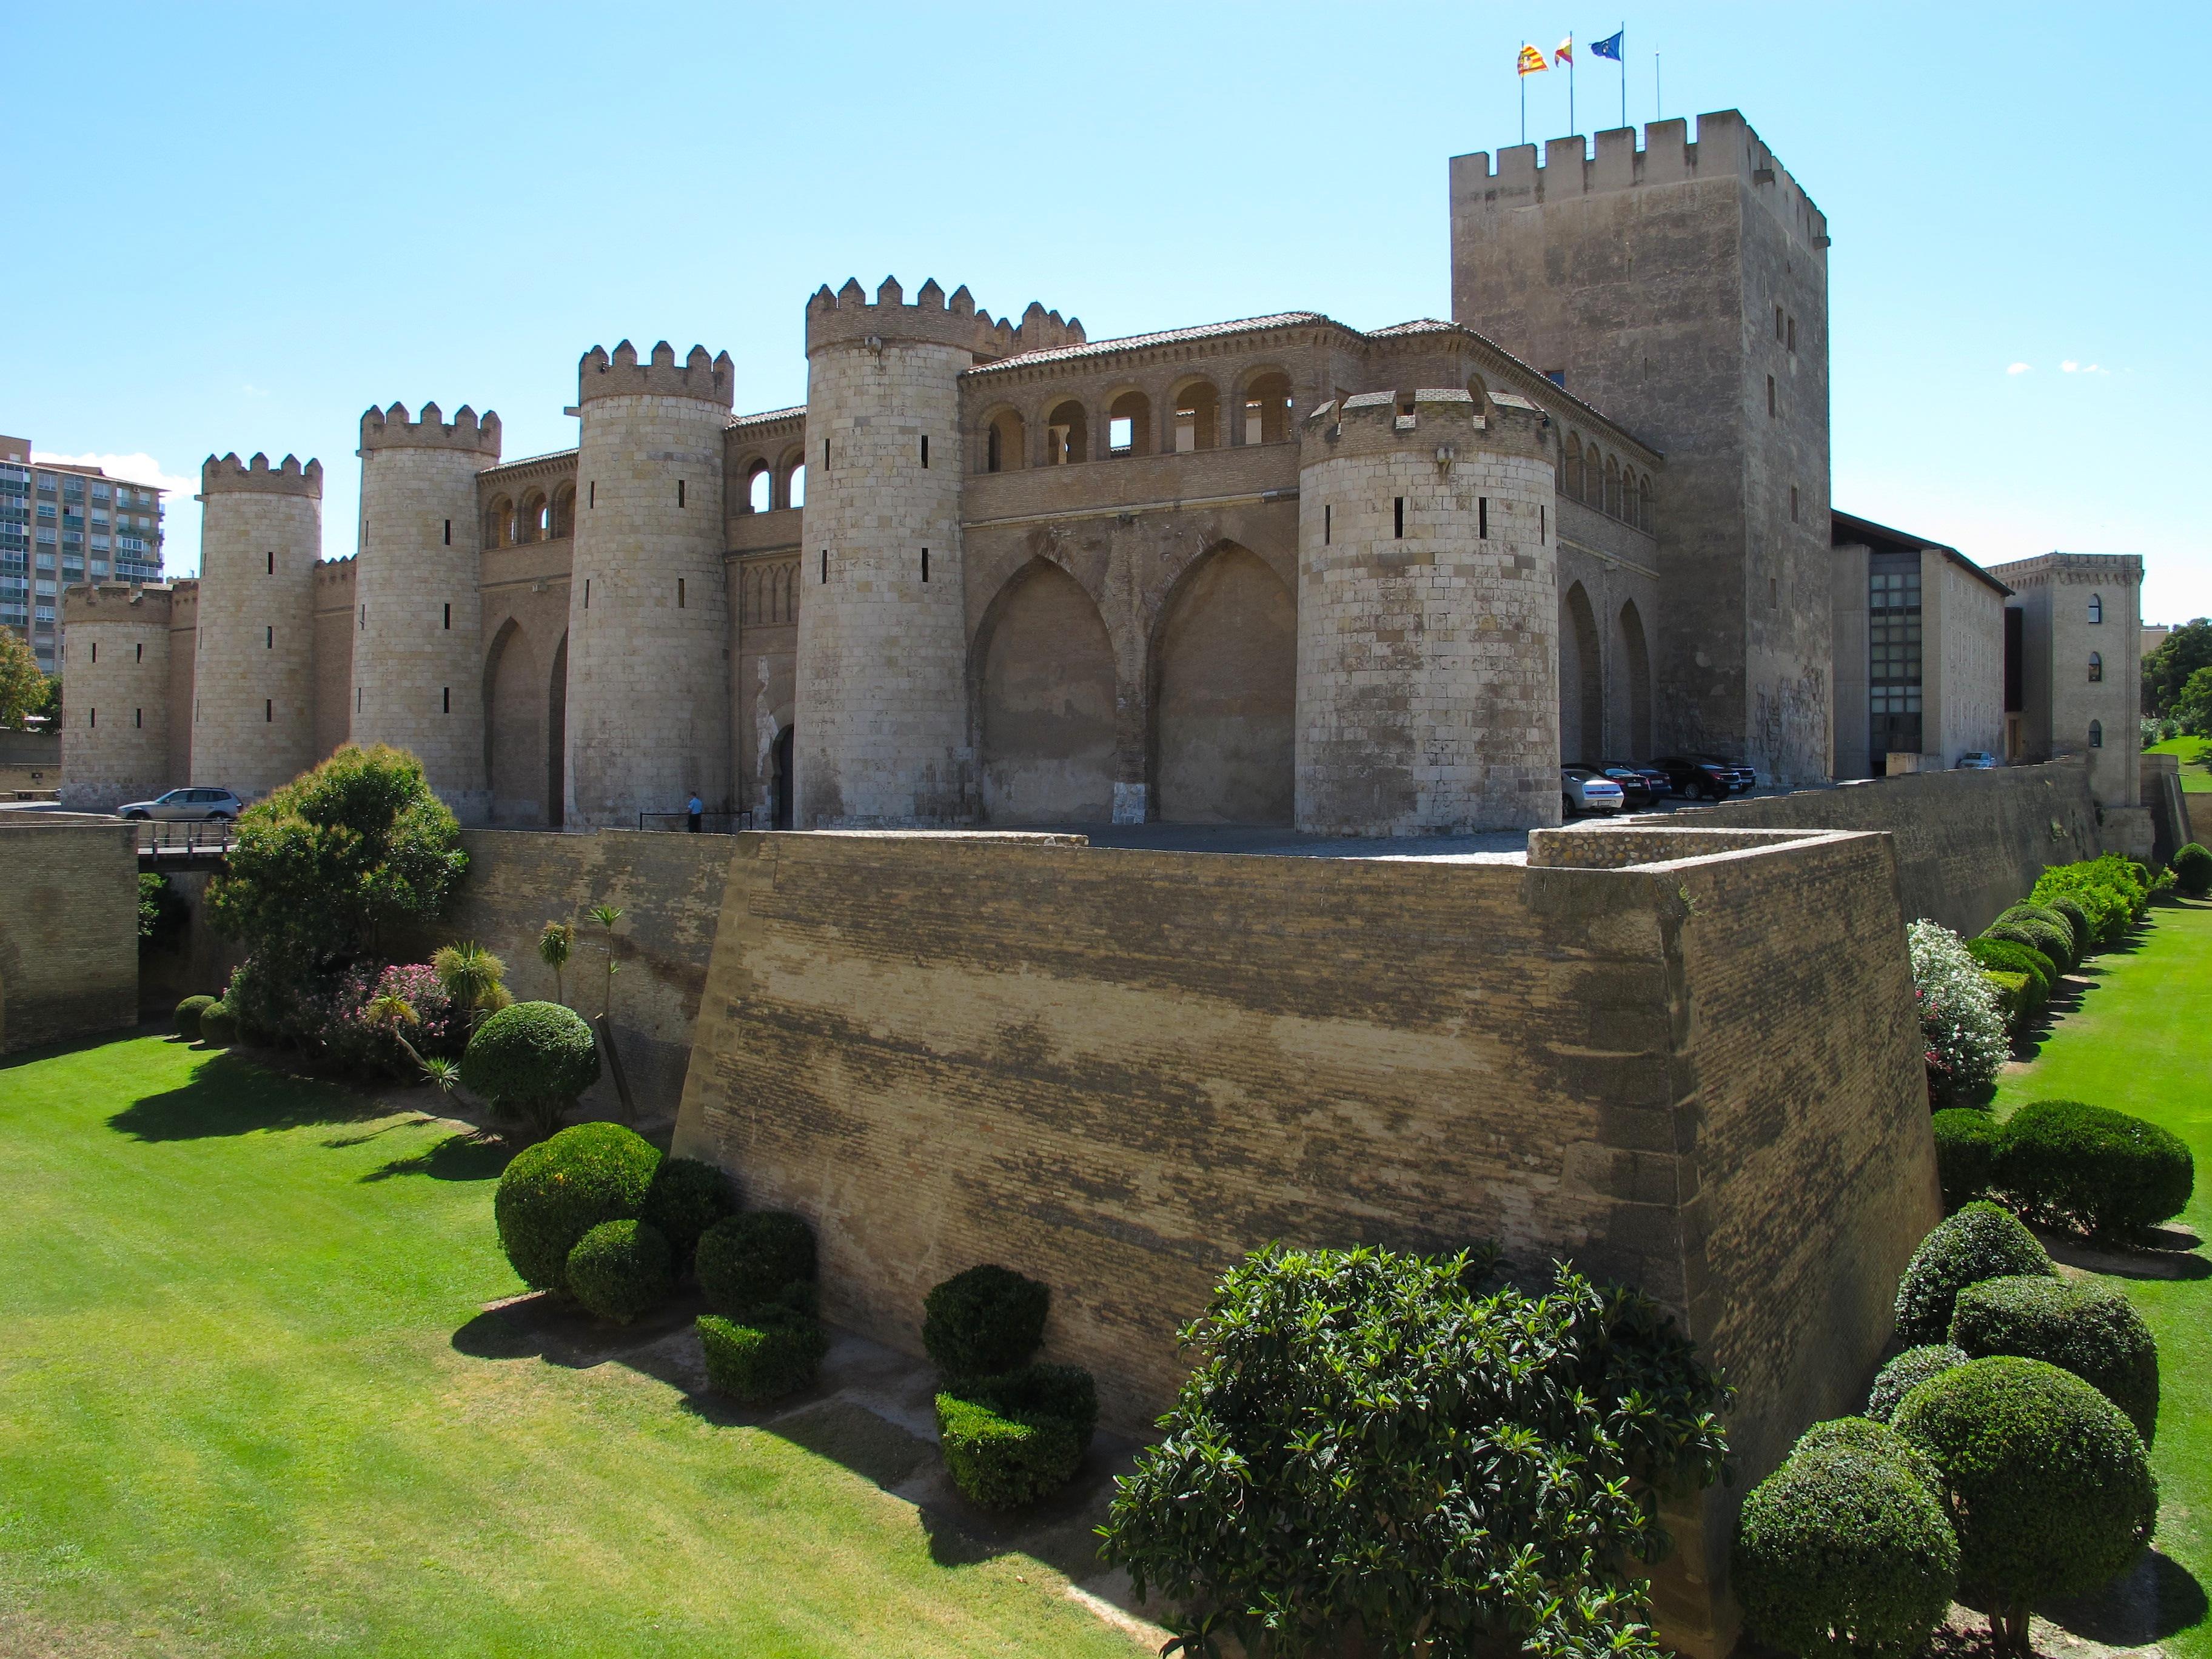 File:Zaragoza-Aljaferia-exterior-2.JPG - Wikimedia Commons